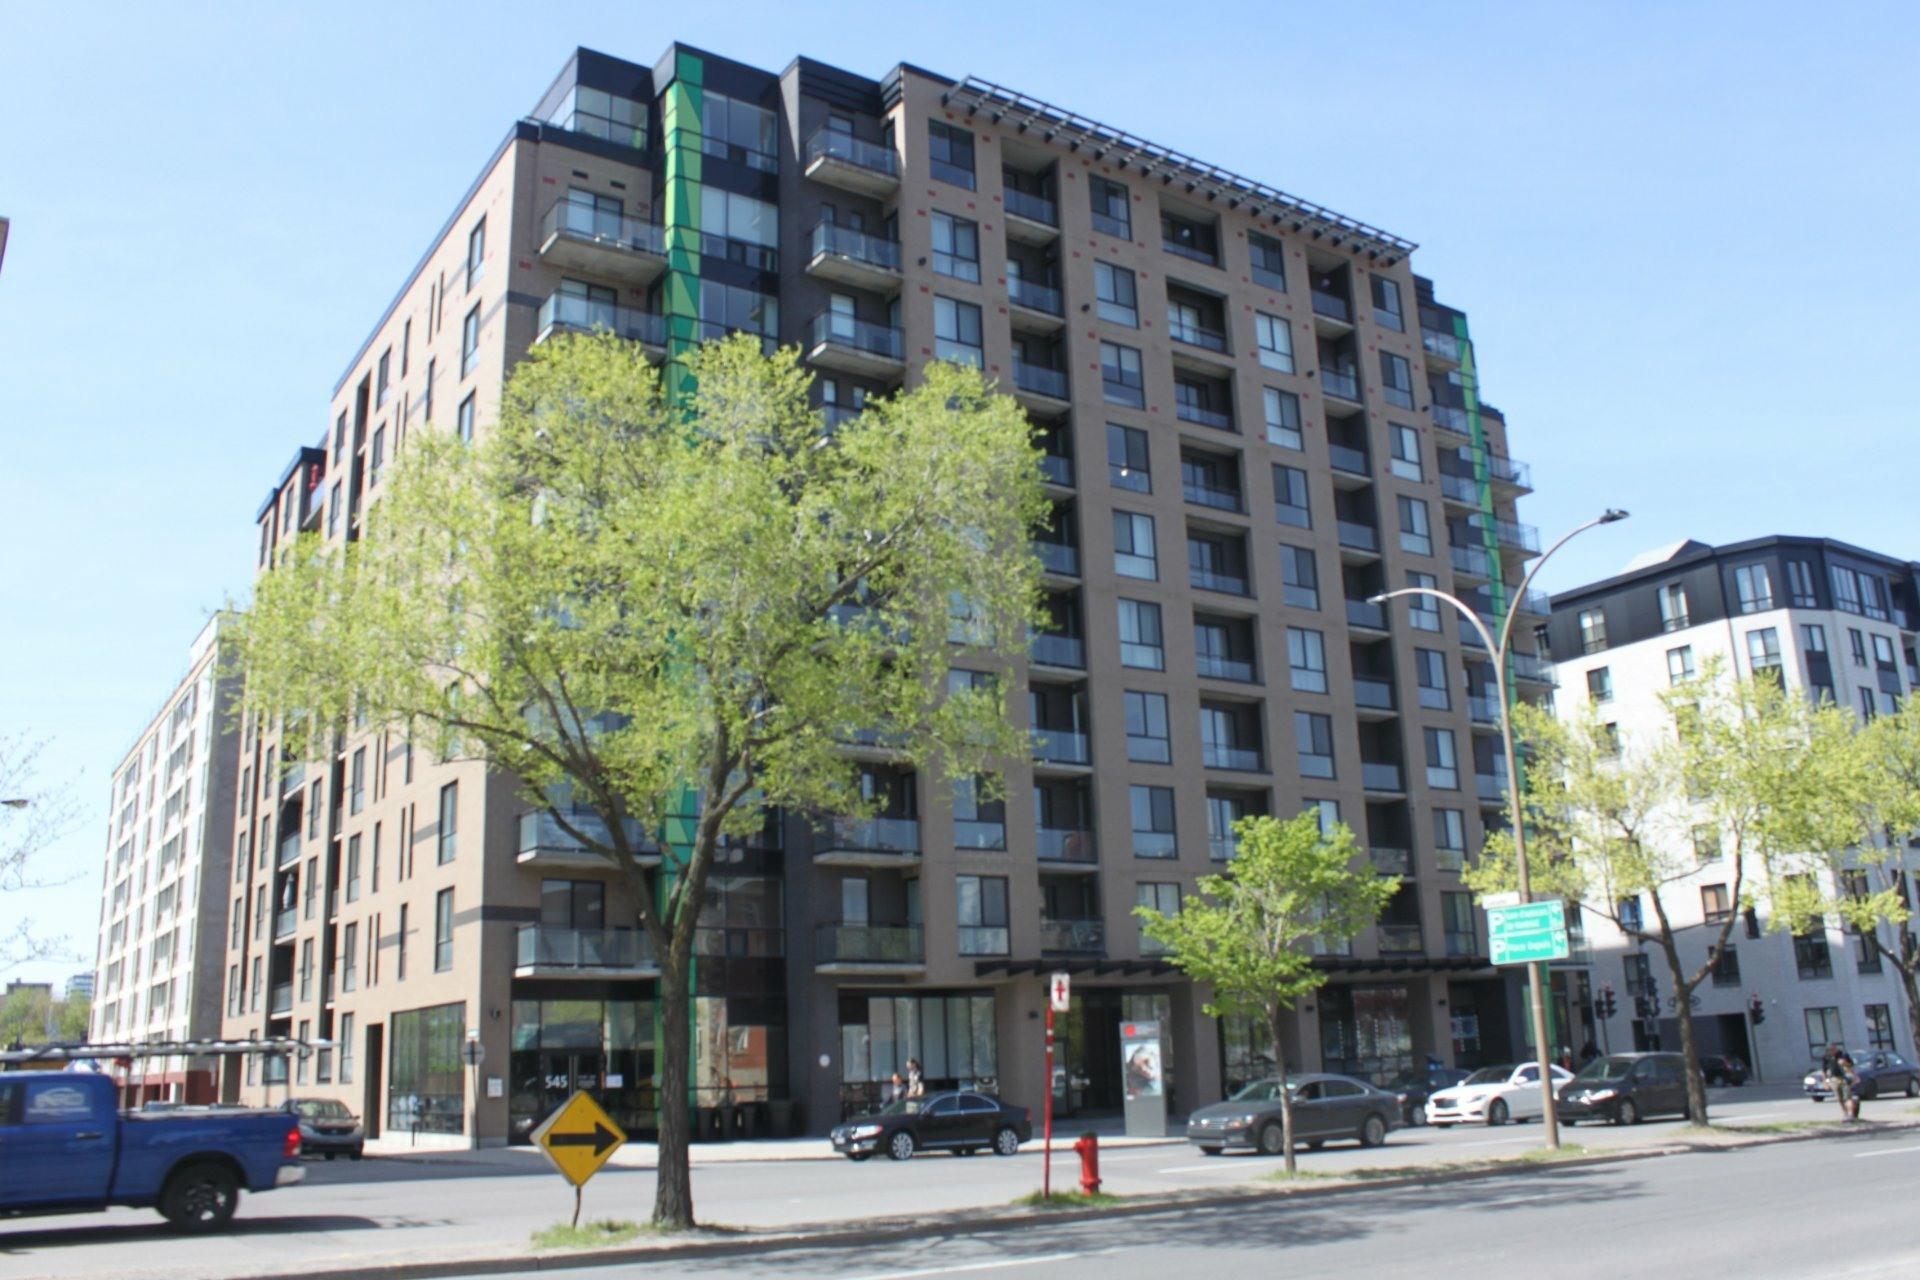 image 39 - Appartement À vendre Montréal Ville-Marie  - 5 pièces